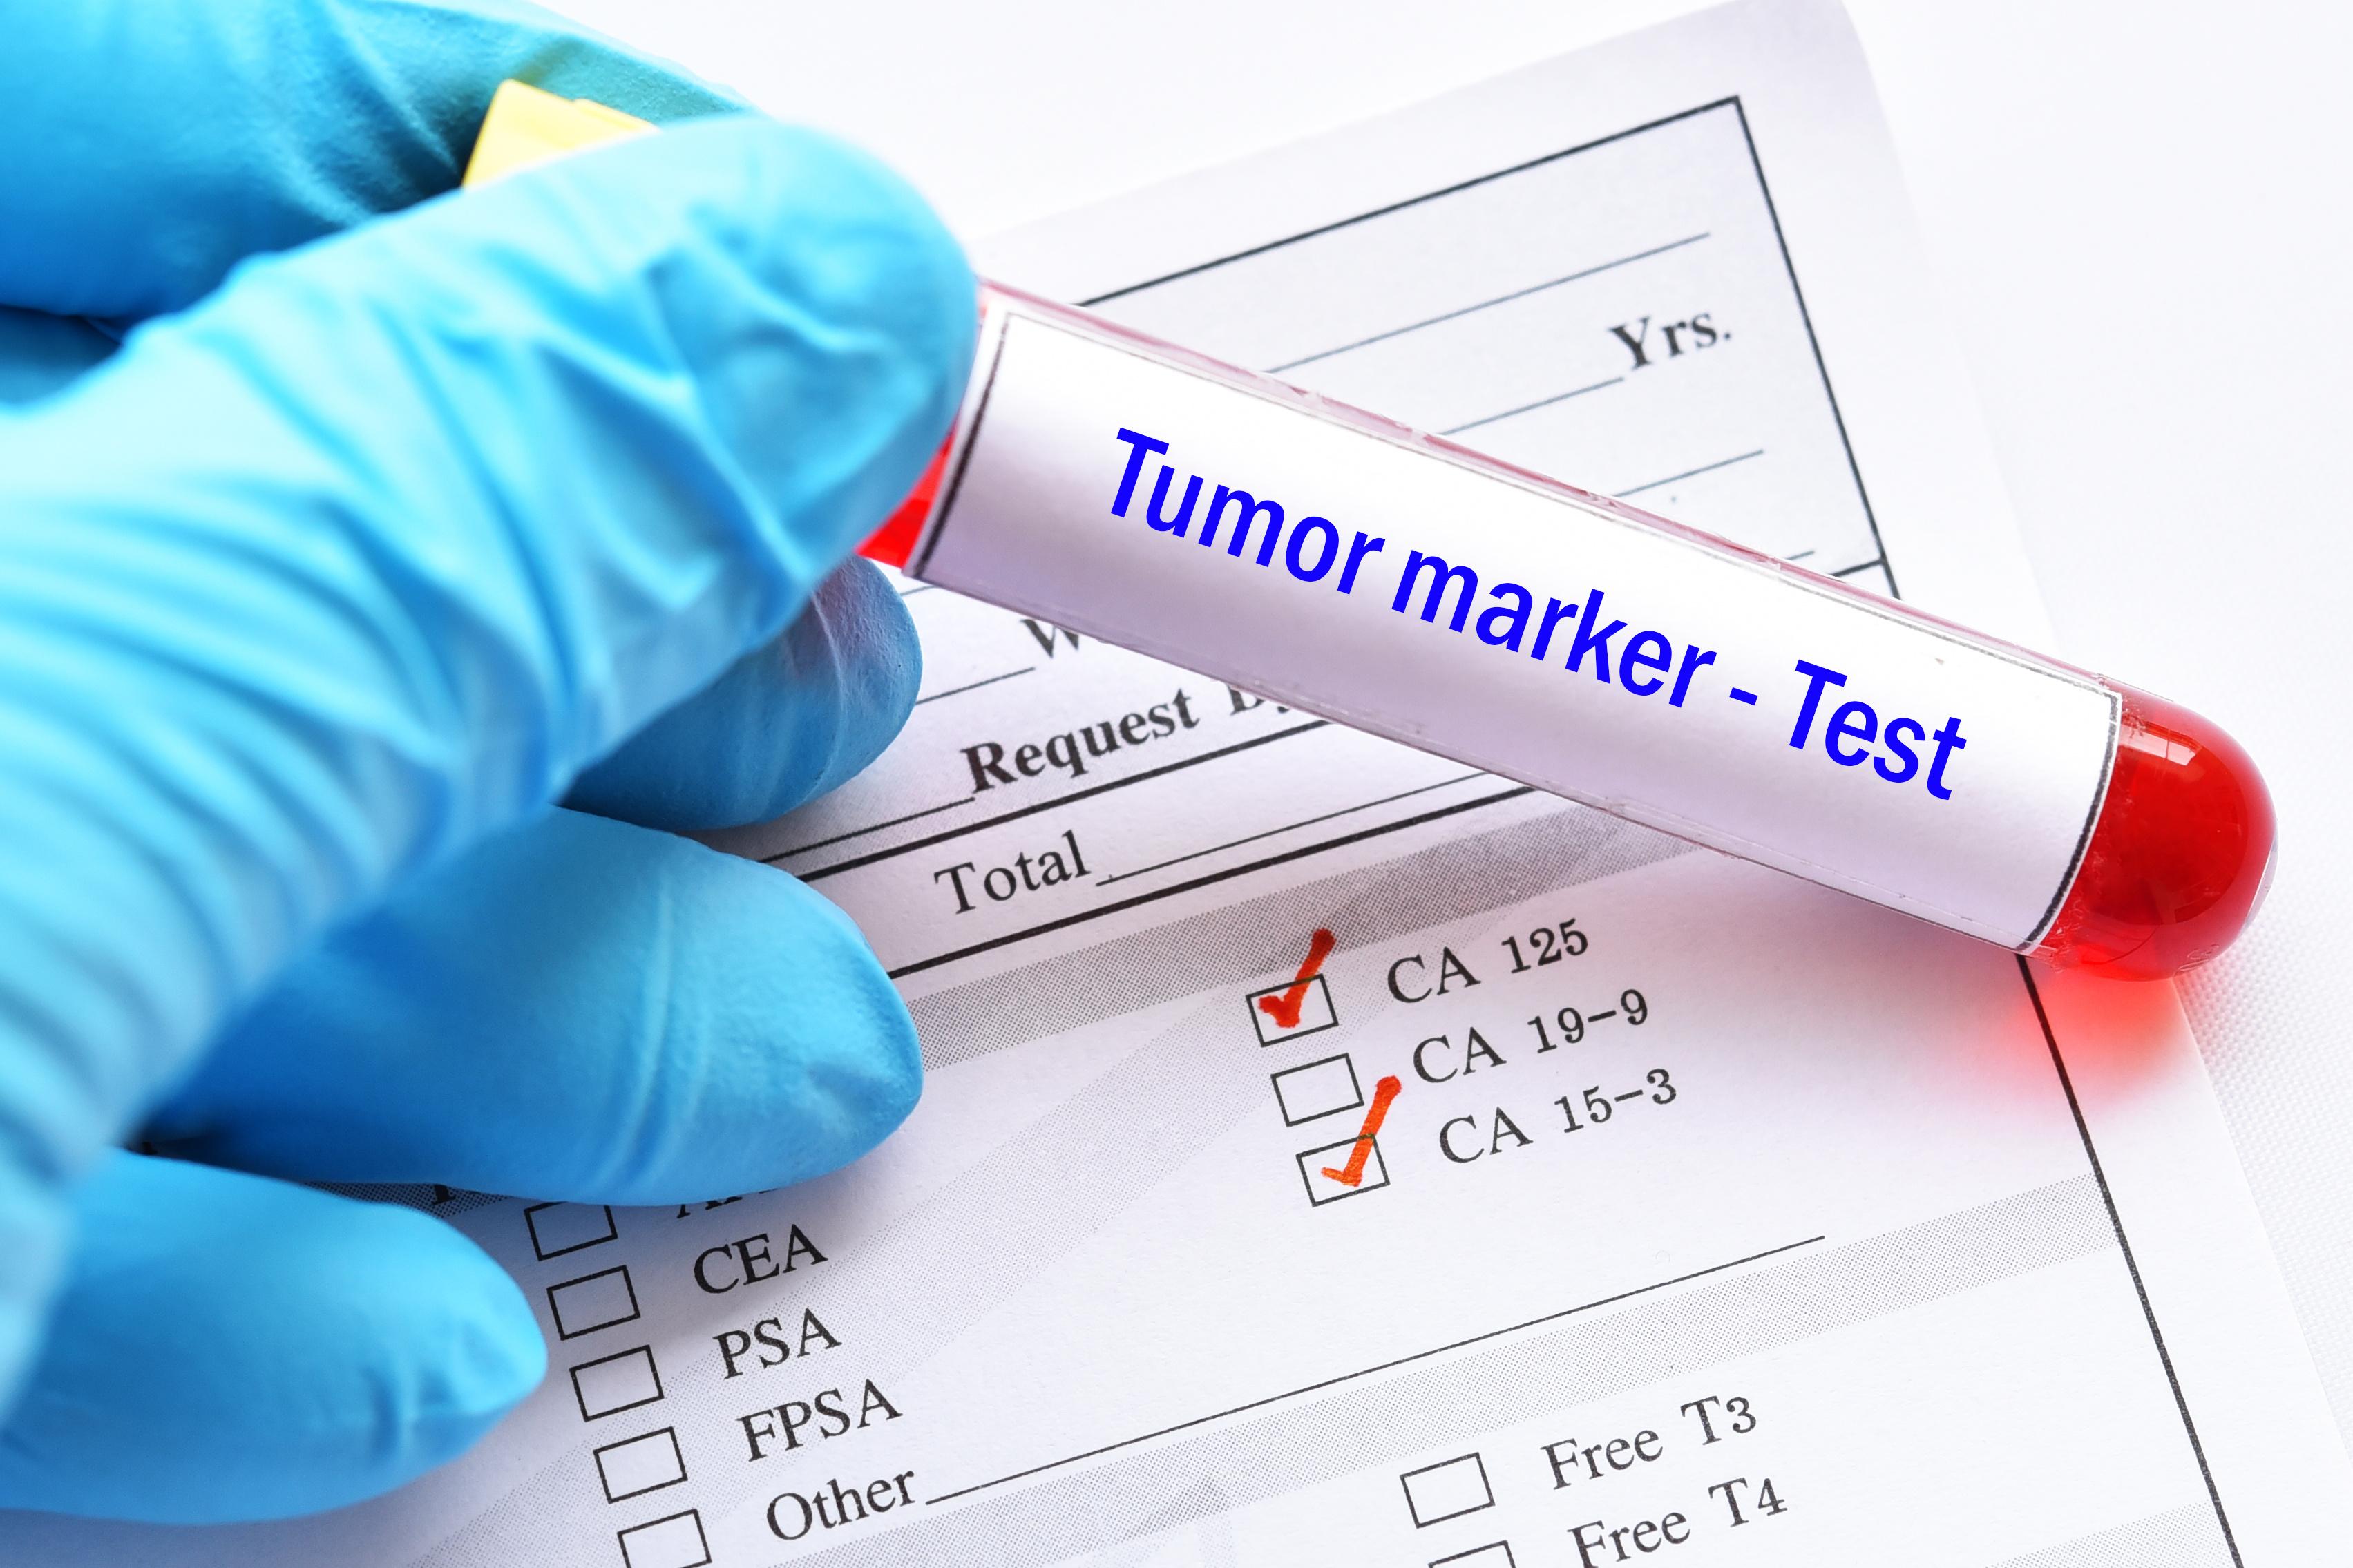 腫瘍マーカー